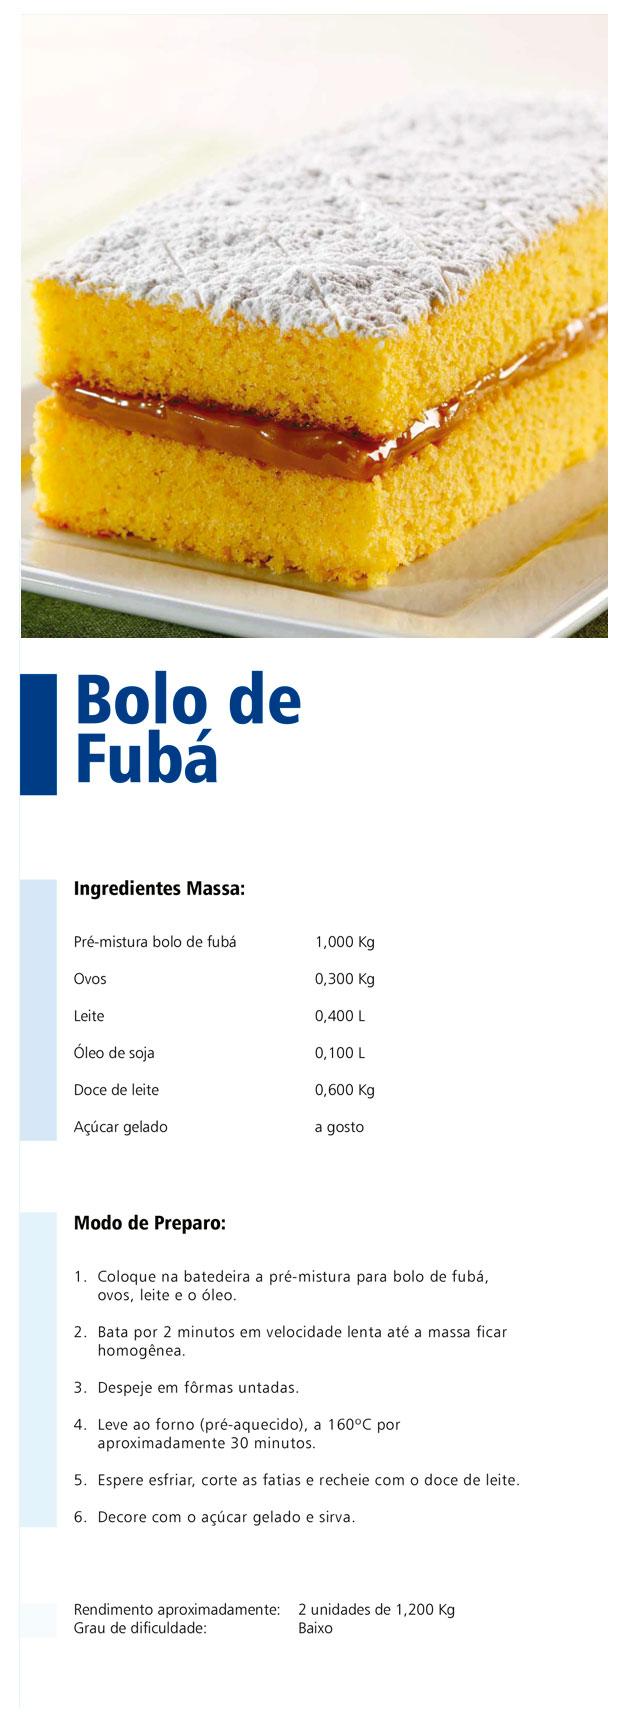 bolo-de-fuba